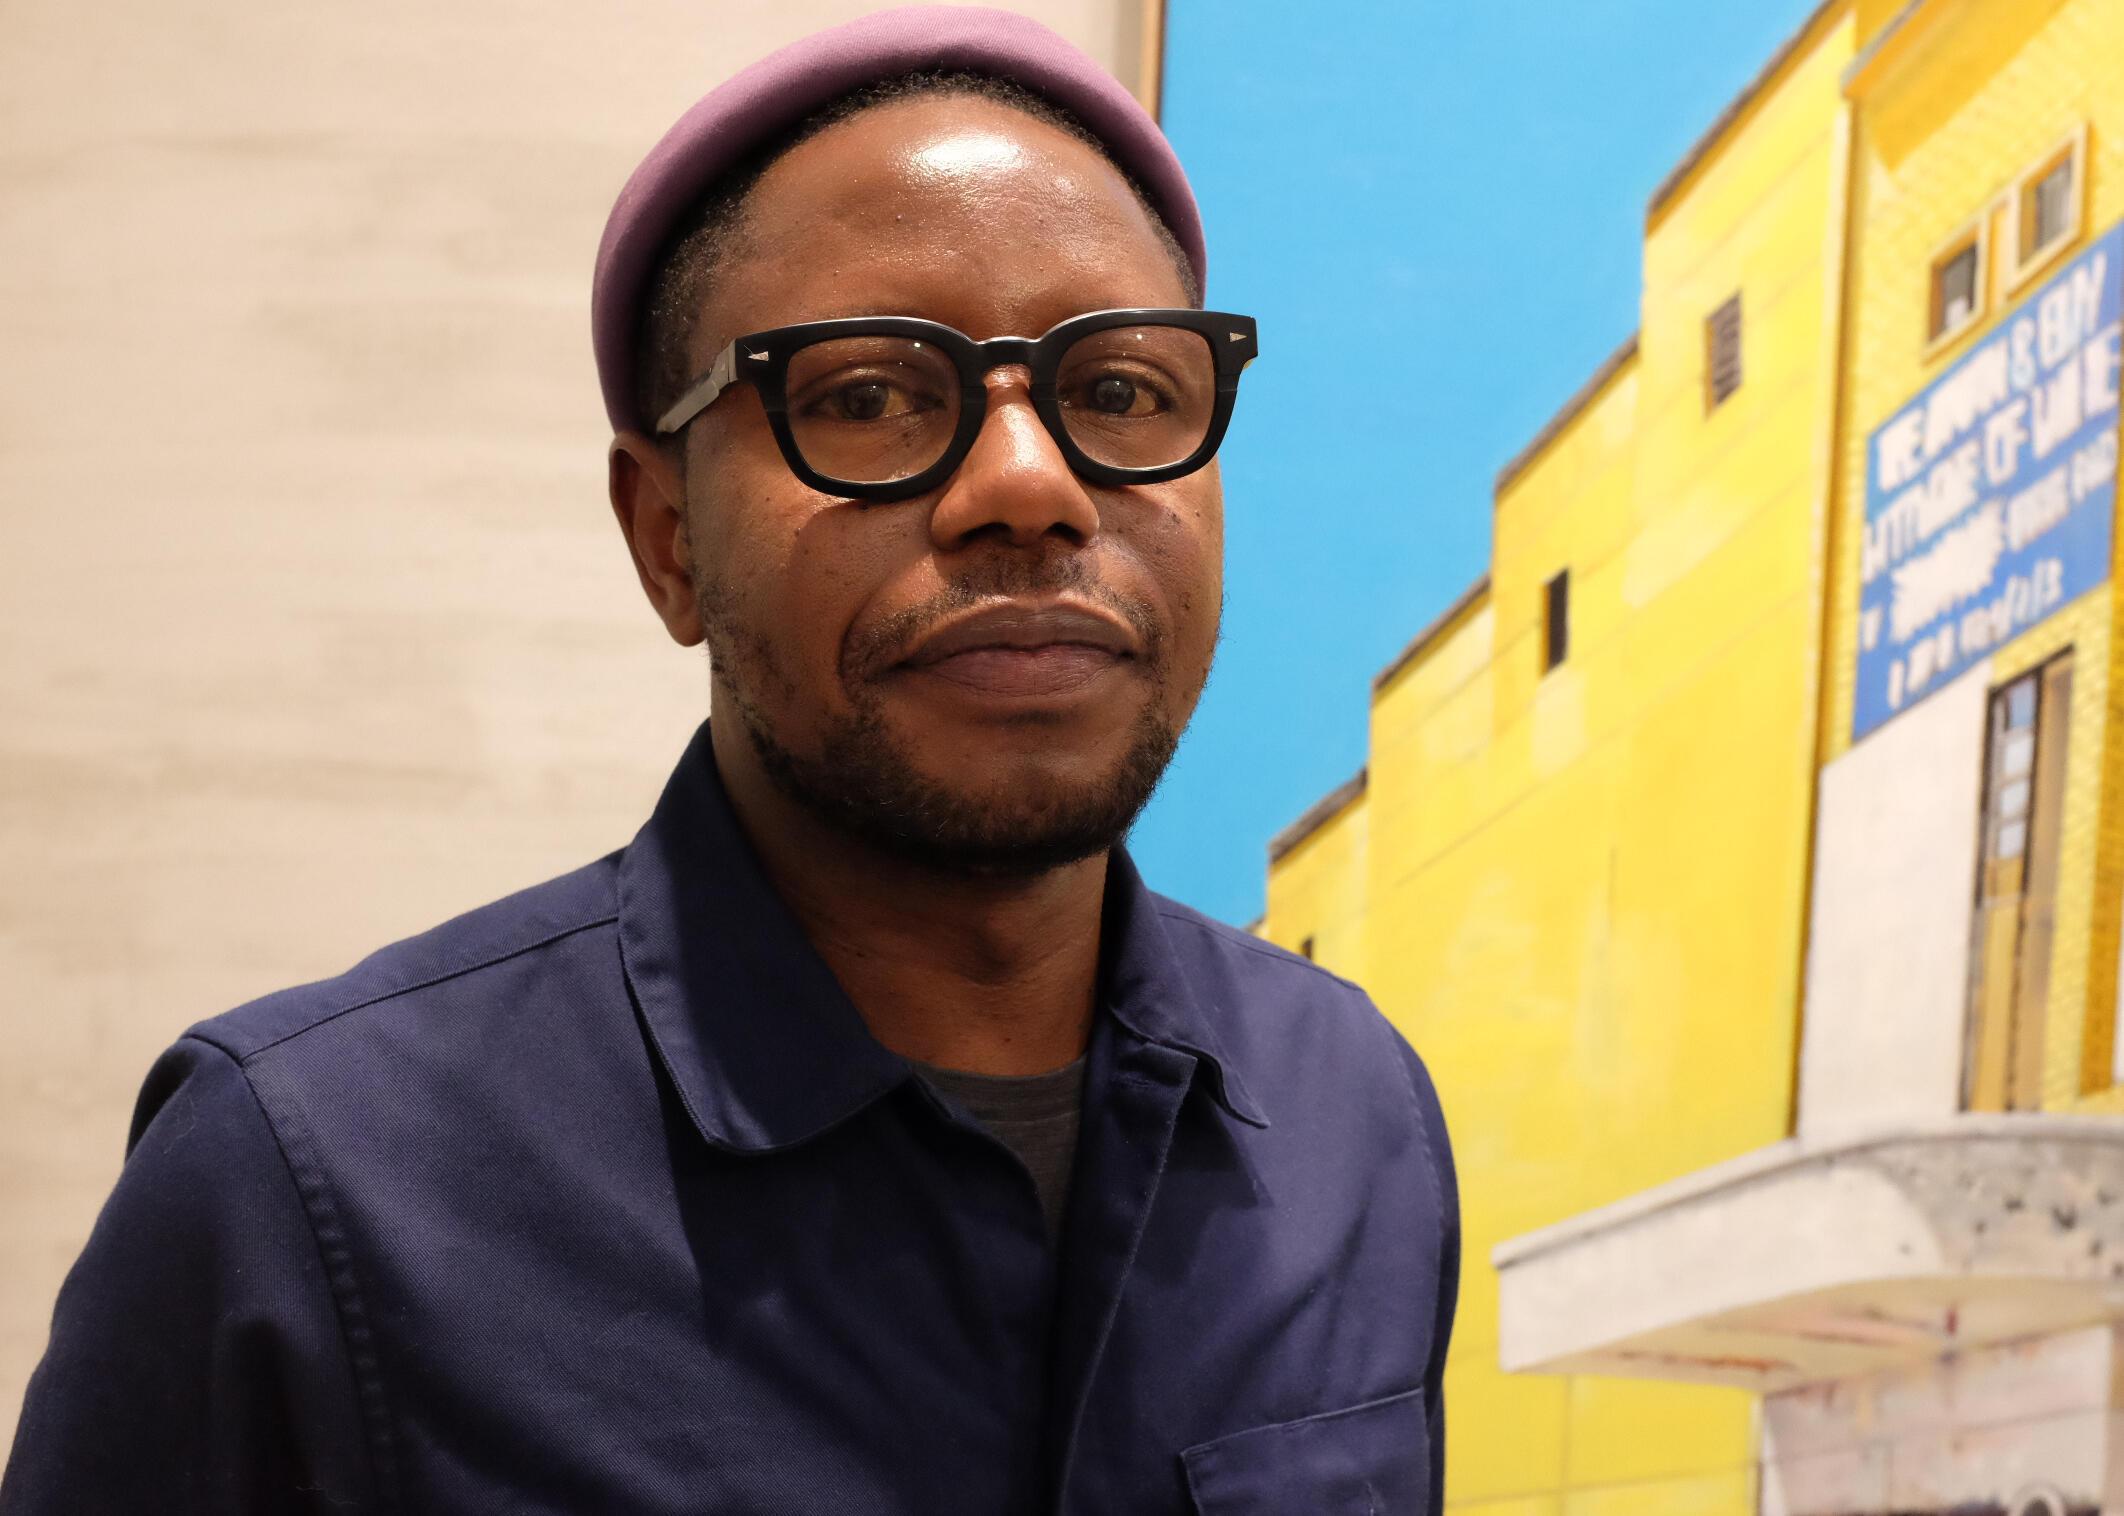 L'artiste sénégalais Cheikh Ndiaye peint depuis 2010 une série de tableaux sur des salles de cinéma abandonnées ou disparues en Afrique.  © Siegfried Forster / RFI